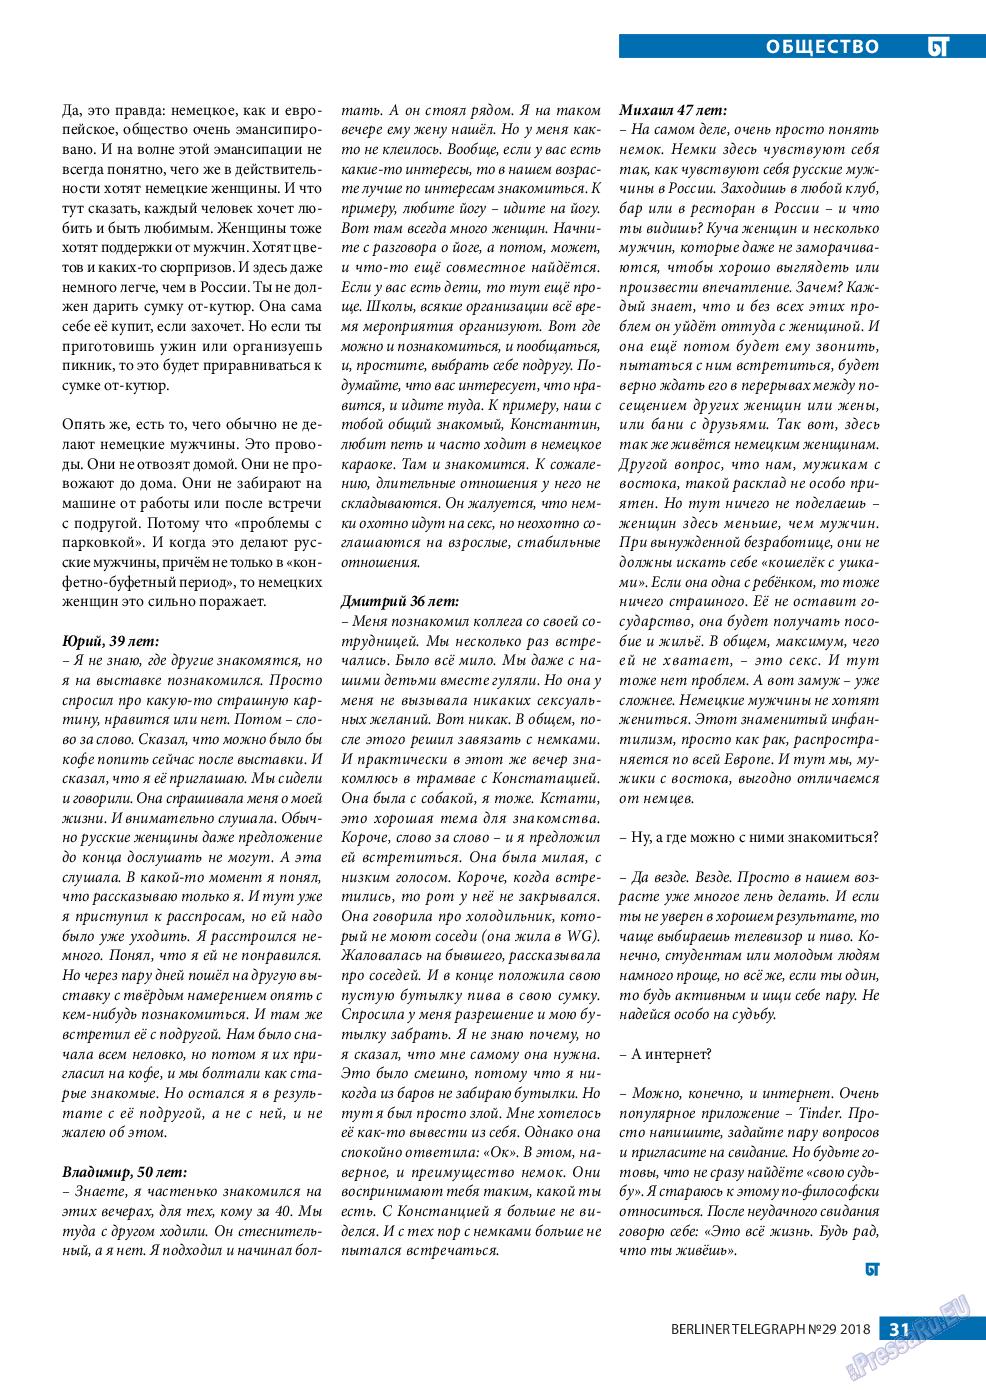 Берлинский телеграф (журнал). 2018 год, номер 29, стр. 31